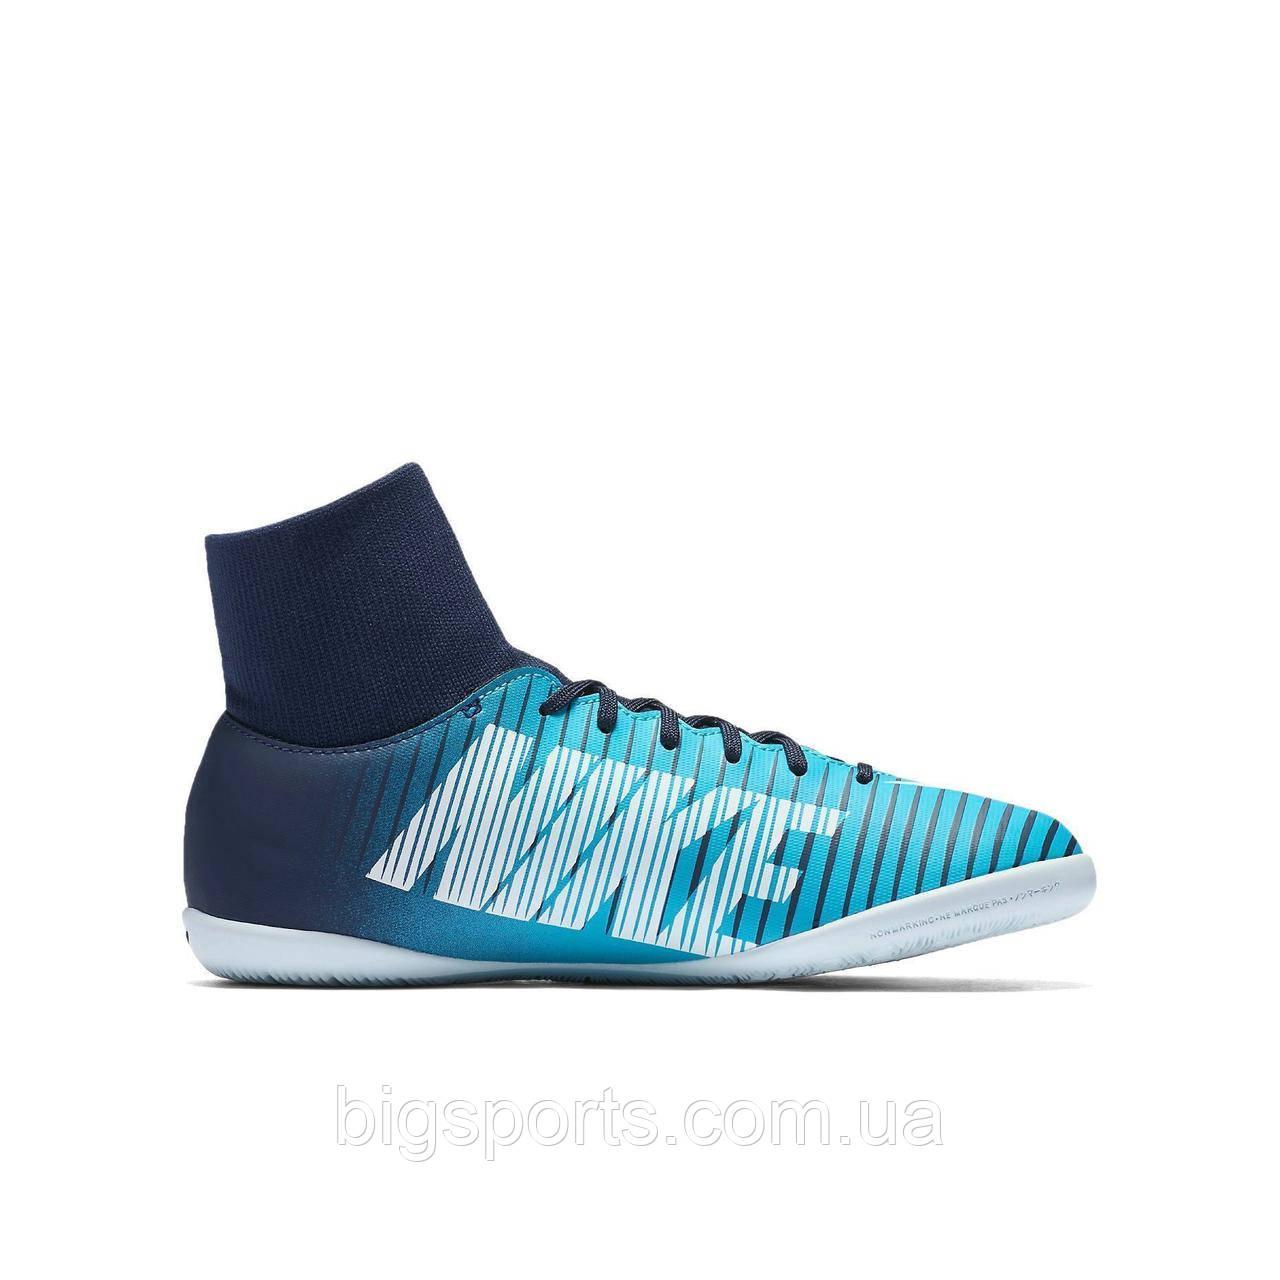 Бутсы футбольные для игры в зале дет. Nike Jr MercurialX Victory 6 DF IC (арт. 903599-404)